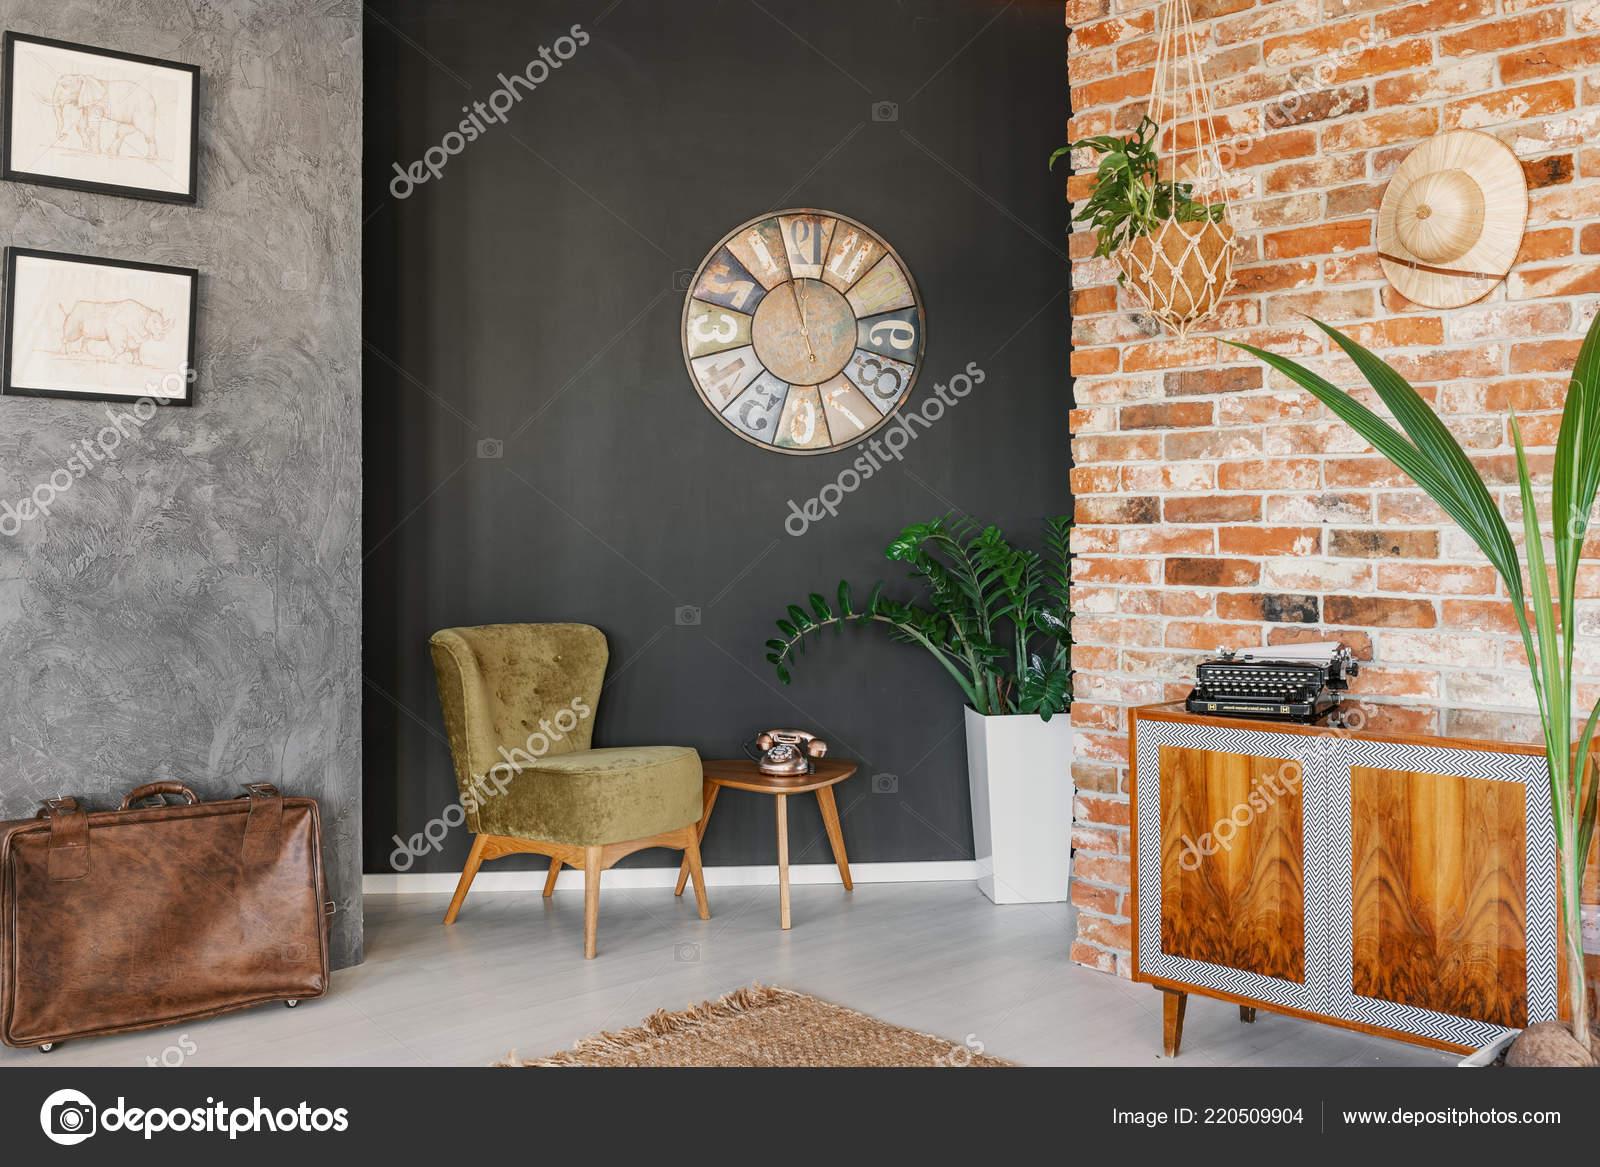 Grote Plant Woonkamer : Grote vintage klok opknoping zwarte muur woonkamer interieur met